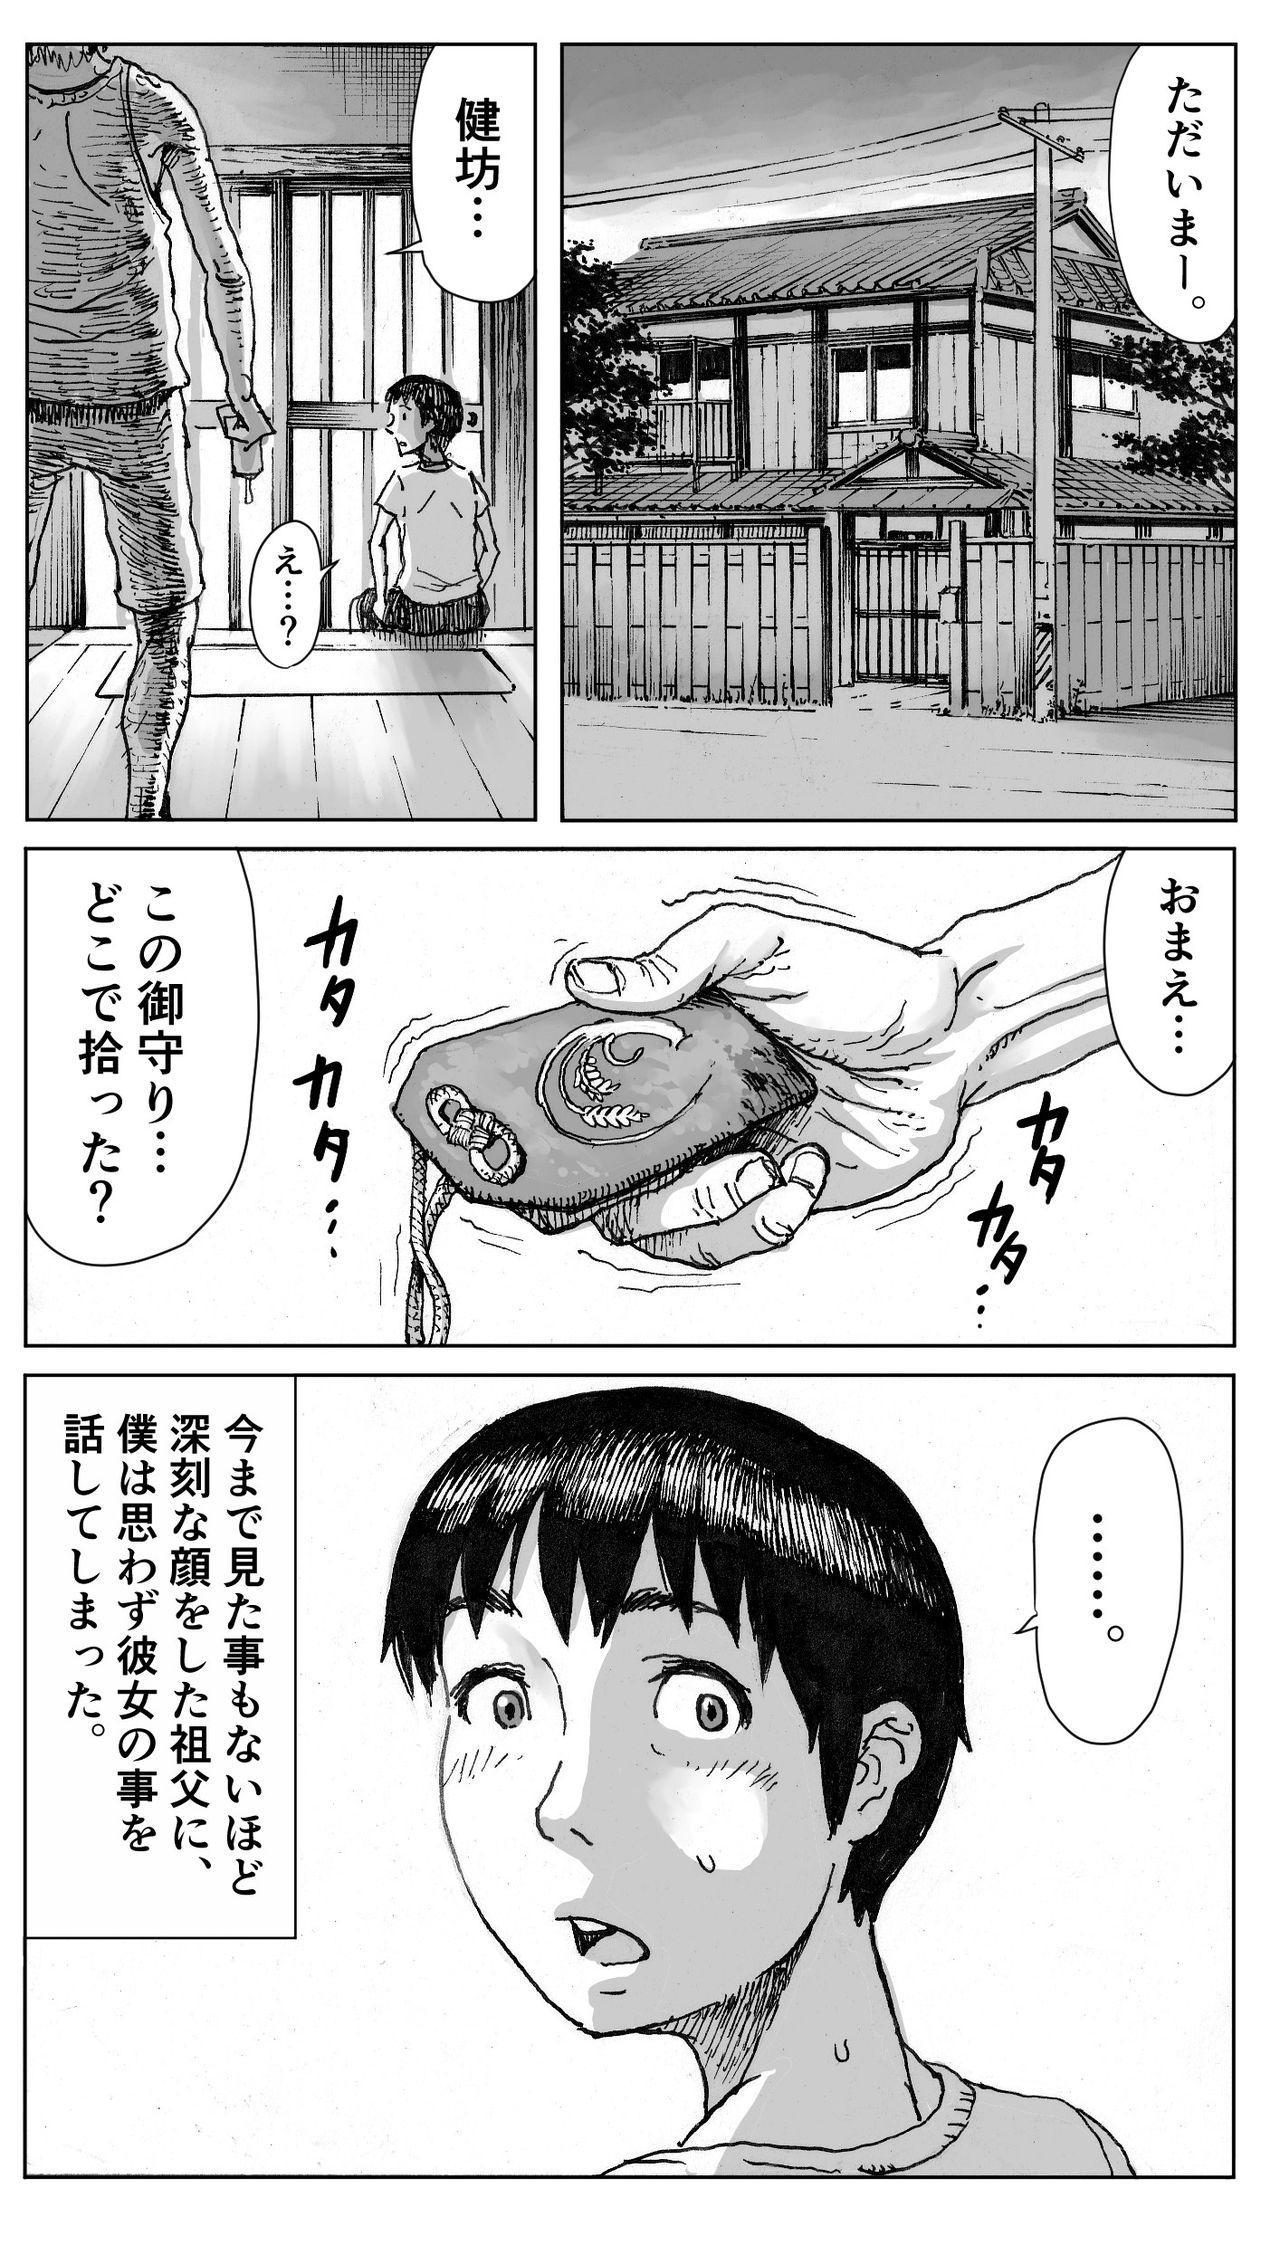 Ōse 23